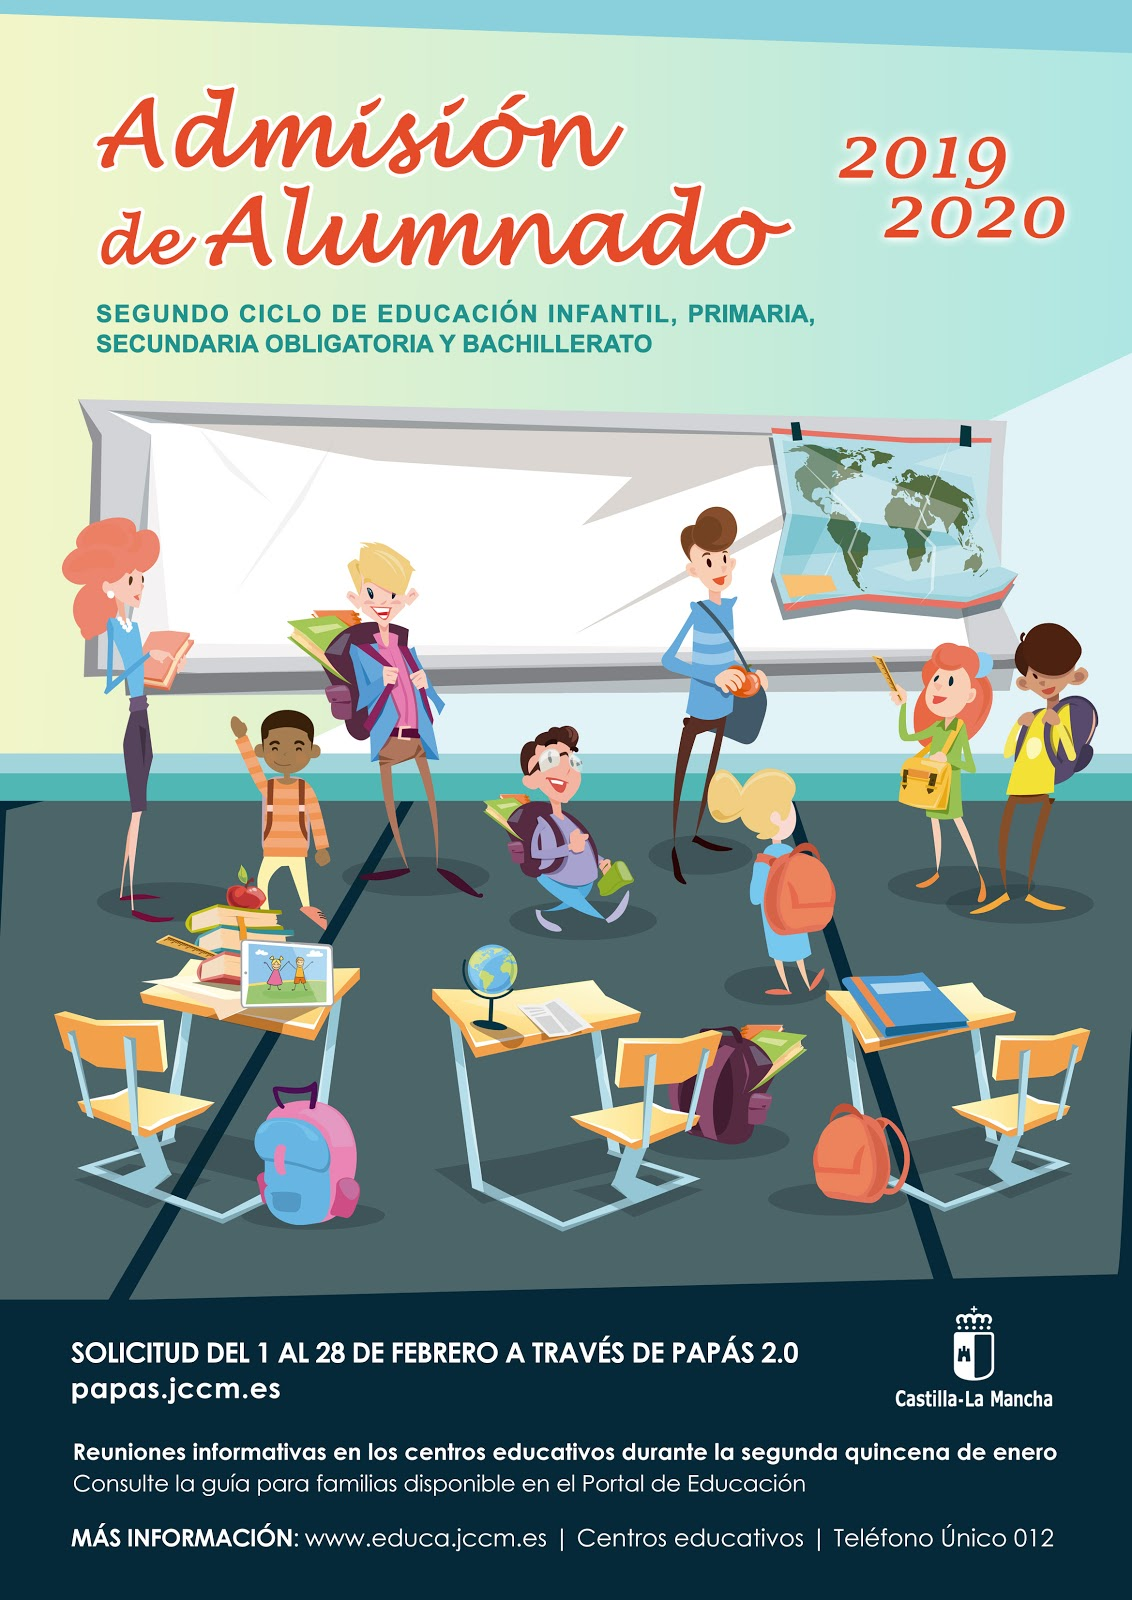 Admisión ESO y Bachillerato para el curso 2019/2020